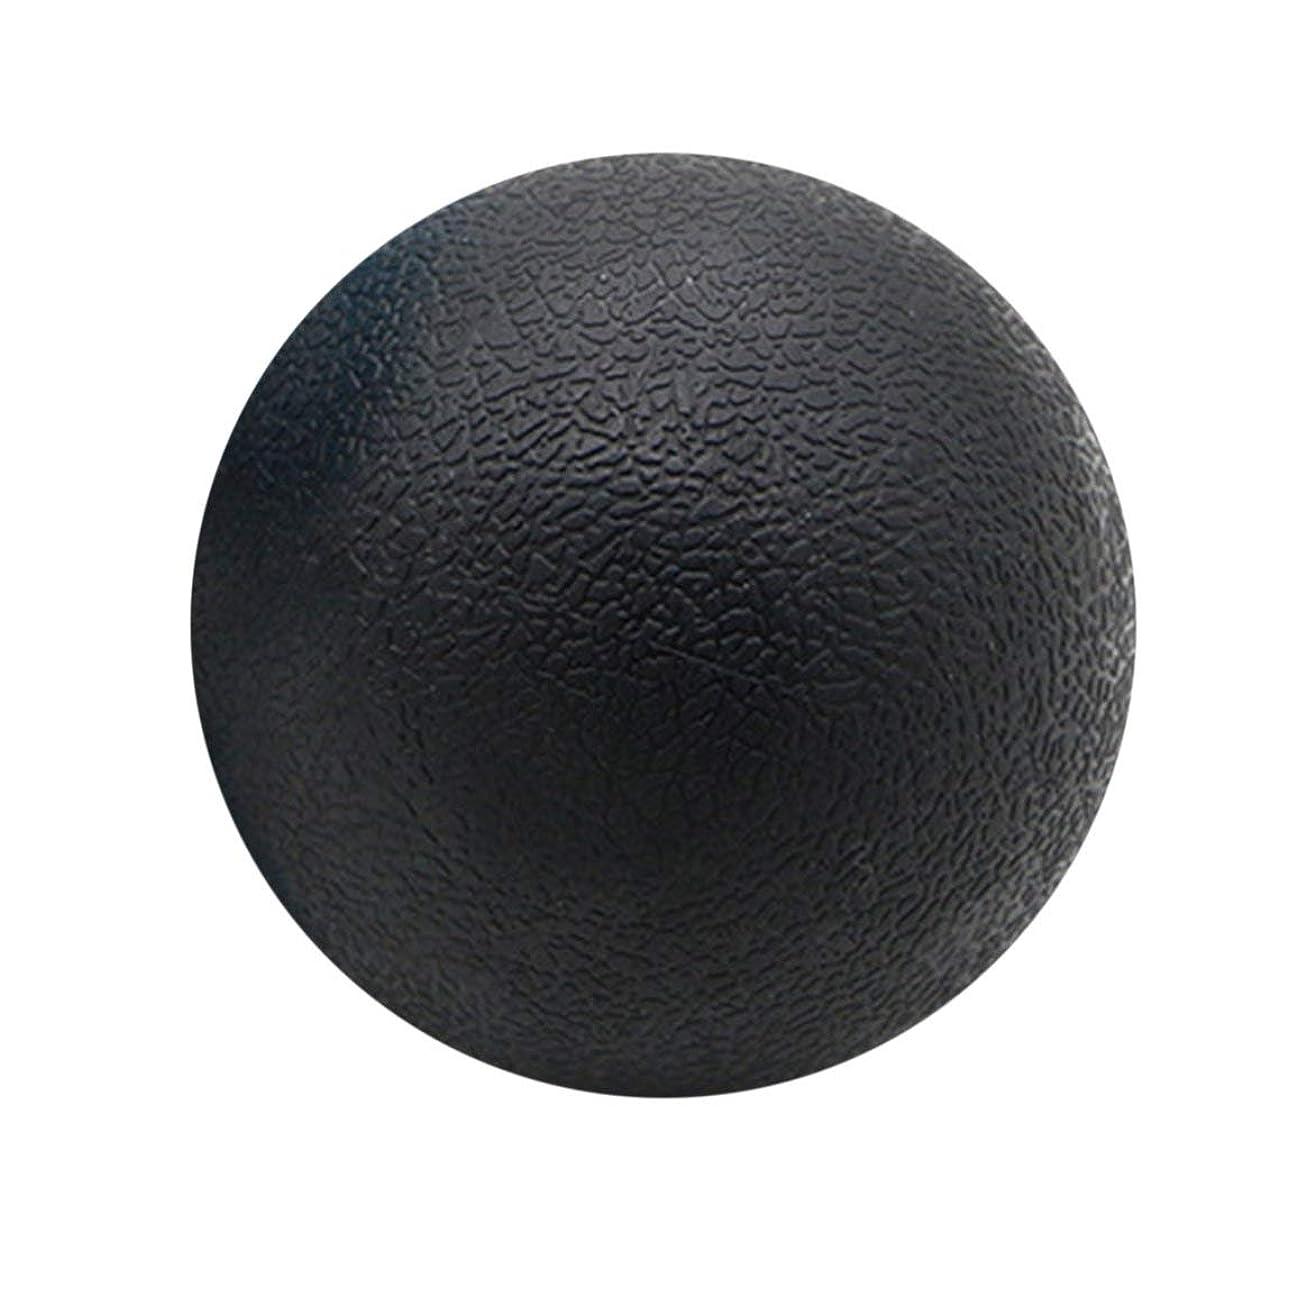 細部経度対抗フィットネス緩和ジムシングルボールマッサージボールトレーニングフェイシアホッケーボール6.3 cmマッサージフィットネスボールリラックスマッスルボール - ブラック